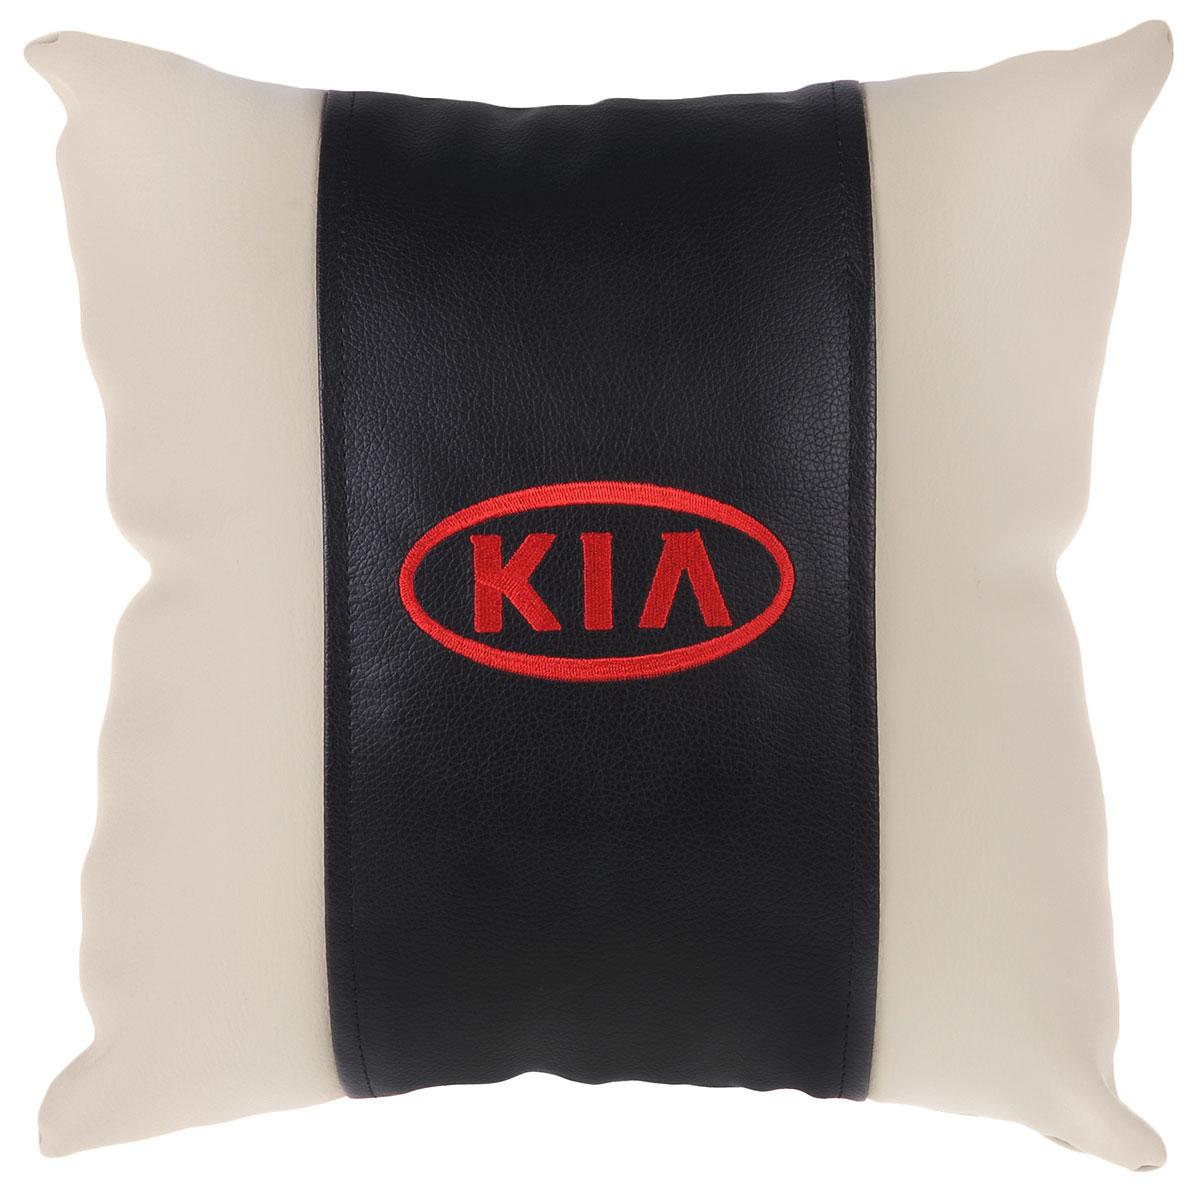 Подушка на сиденье Autoparts Kia, цвет: молочный, 30 х 30 смМ054_молочныйПодушка на сиденье Autoparts Kia создана для тех, кто весь свой день вынужден проводить за рулем. Чехол выполнен из высококачественной дышащей экокожи. Задняя часть темно-серого цвета. Наполнителем служит холлофайбер. На задней части подушки имеется змейка.Особенности подушки:- Хорошо проветривается.- Предупреждает потение.- Поддерживает комфортную температуру.- Обминается по форме тела.- Улучшает кровообращение.- Исключает затечные явления.- Предупреждает развитие заболеваний, связанных с сидячим образом жизни. Подушка также будет полезна и дома - при работе за компьютером, школьникам - при выполнении домашних работ, да и в любимом кресле перед телевизором.